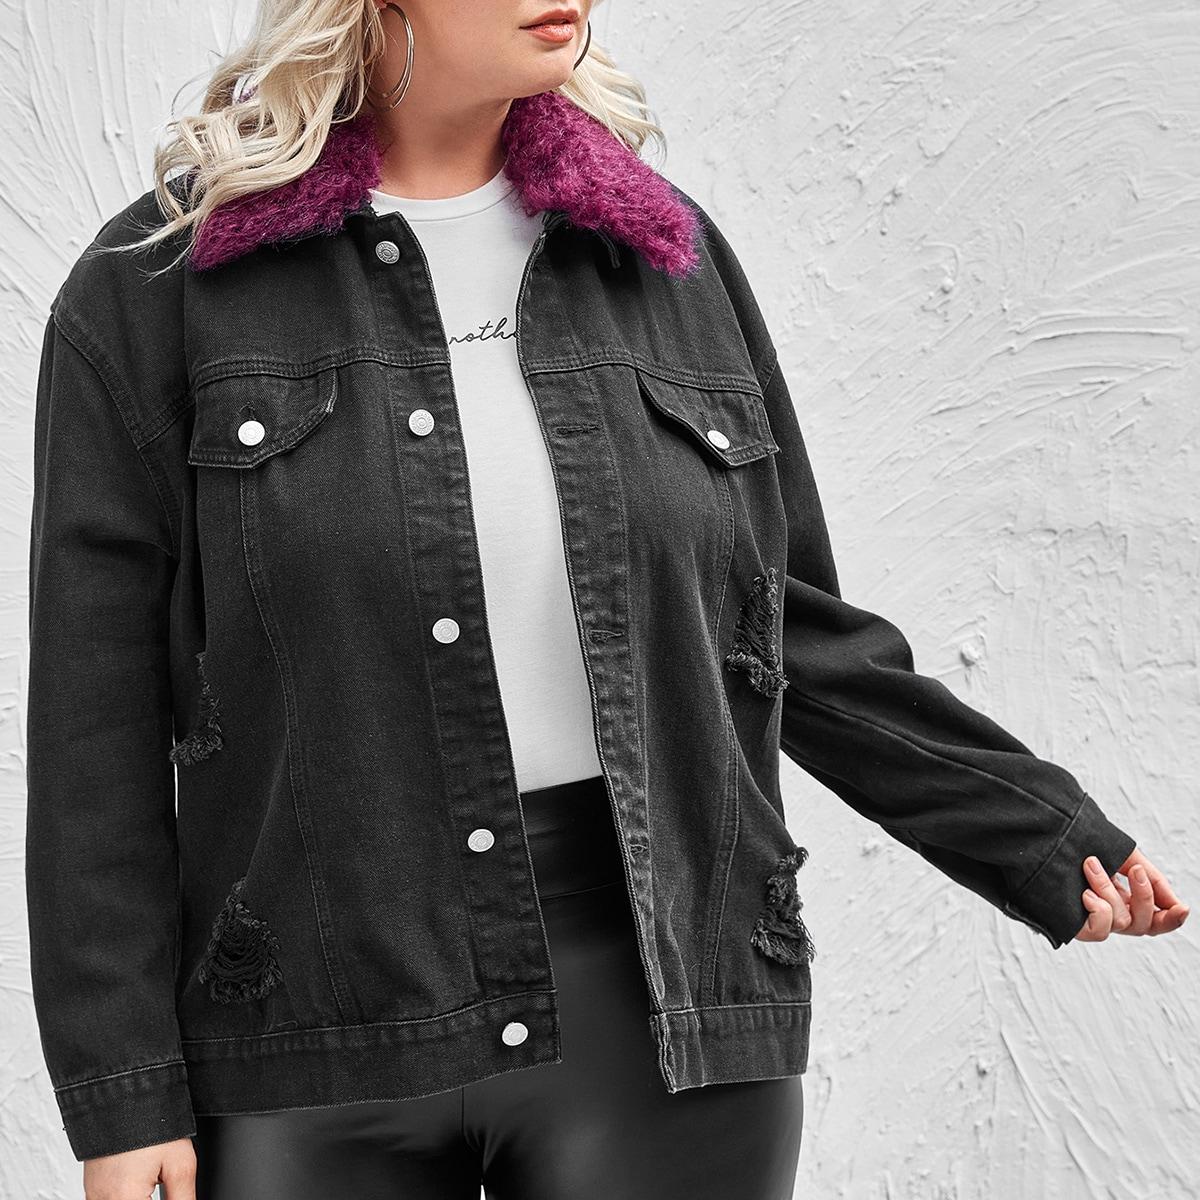 Рваная джинсовая куртка размера плюс с воротником из искусственного меха